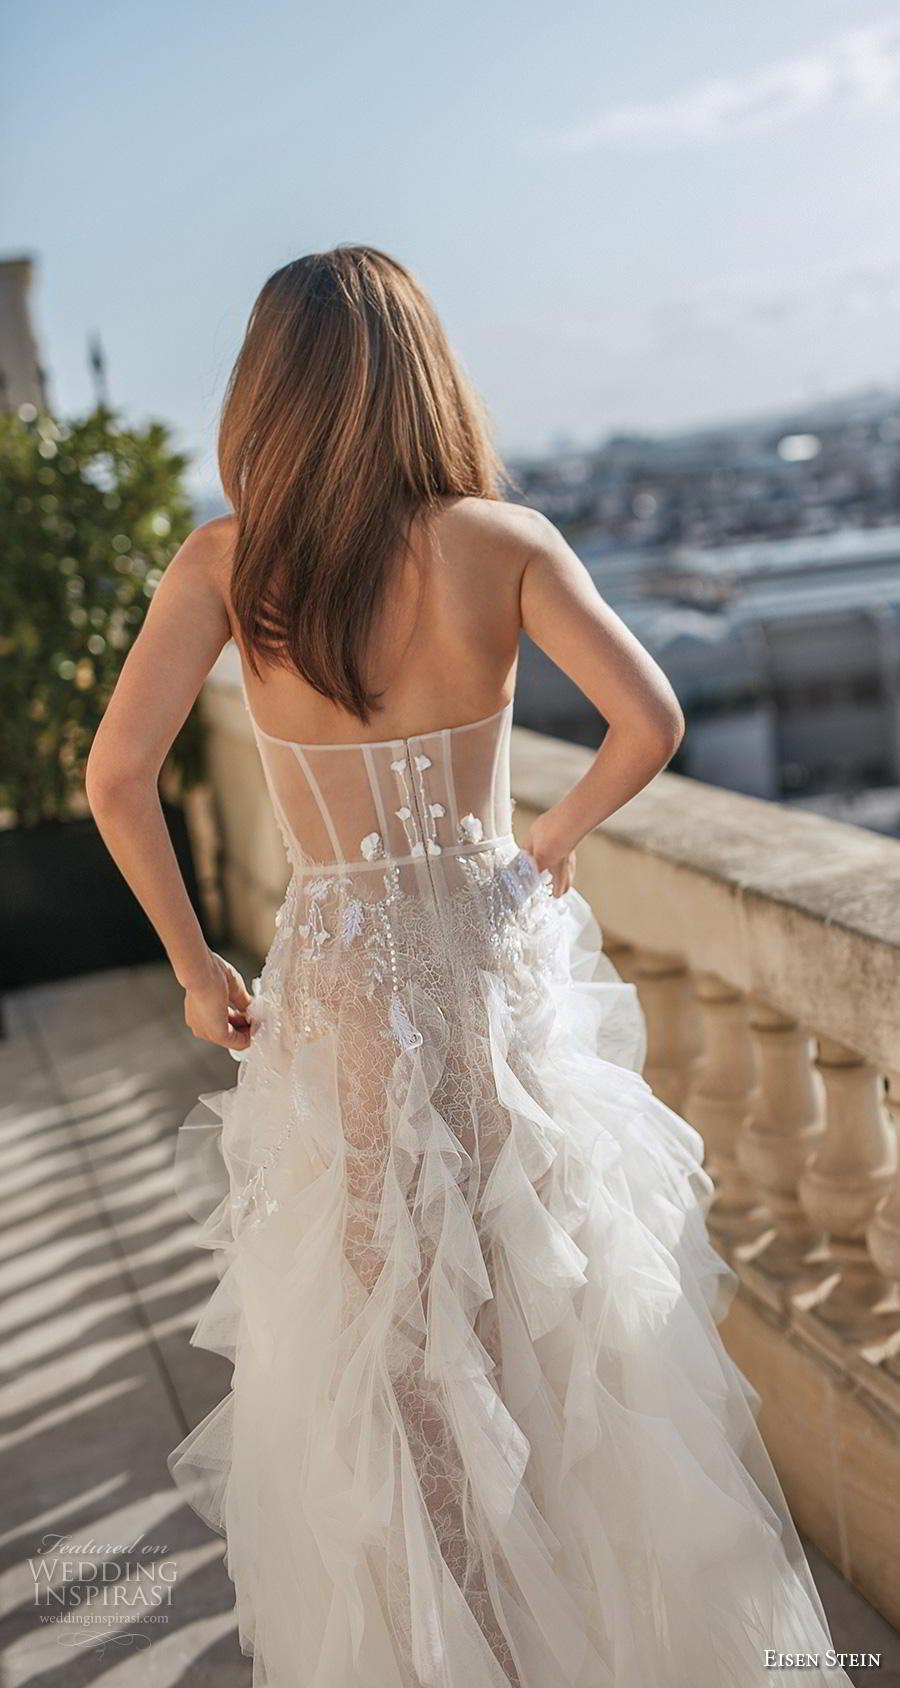 eisen stein fall 2020 bridal strapless sweetheart neckline heavily embellished bodice ruffled skirt romantic a  line wedding dress mid back medium train (8) zbv